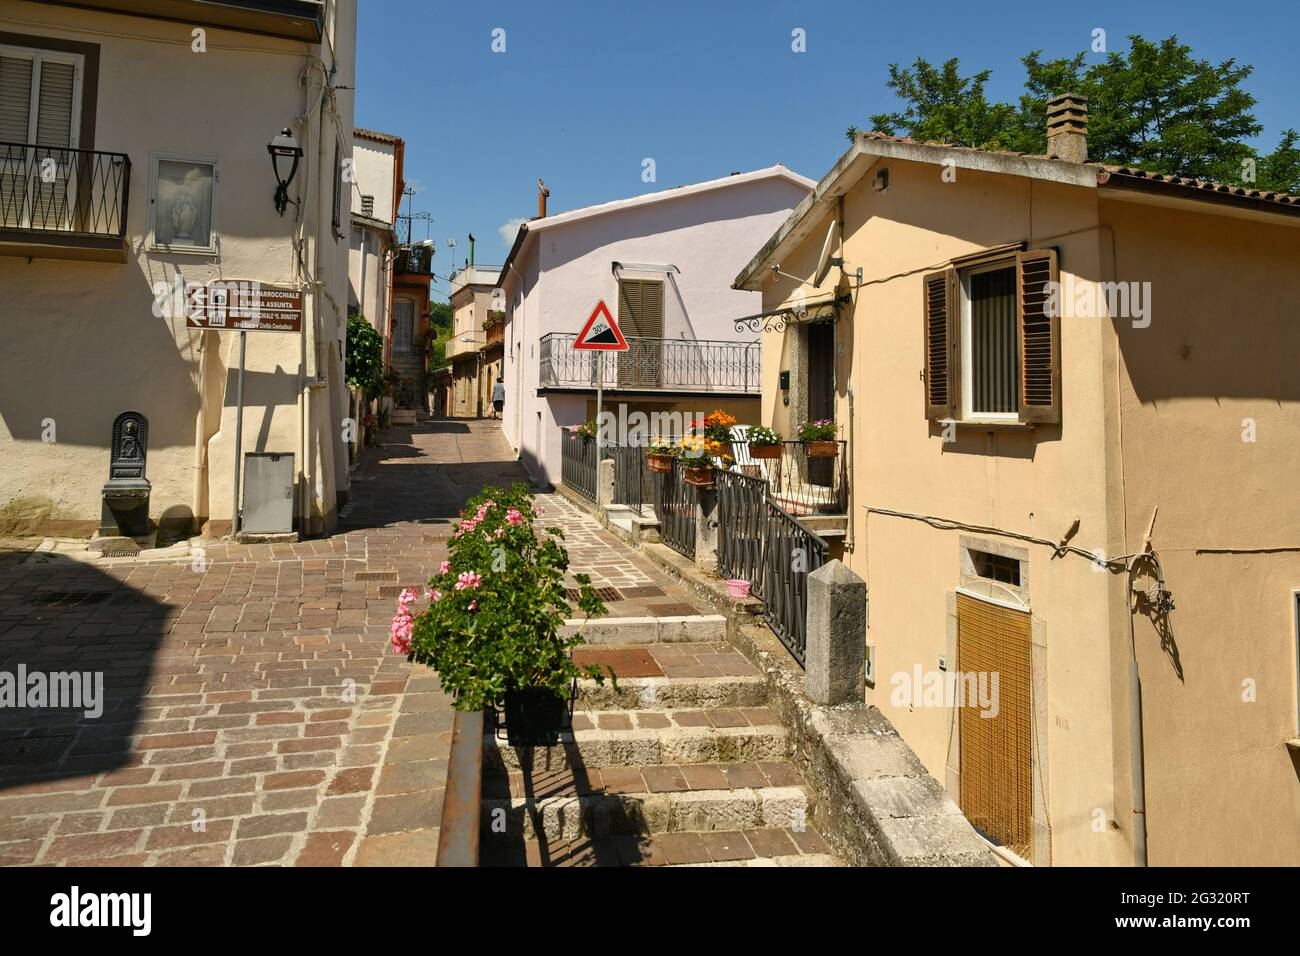 Ruvo del Monte, Italie, 06/12/2021. Une petite rue entre les vieilles maisons d'un village médiéval dans la région de Basilicate. Banque D'Images